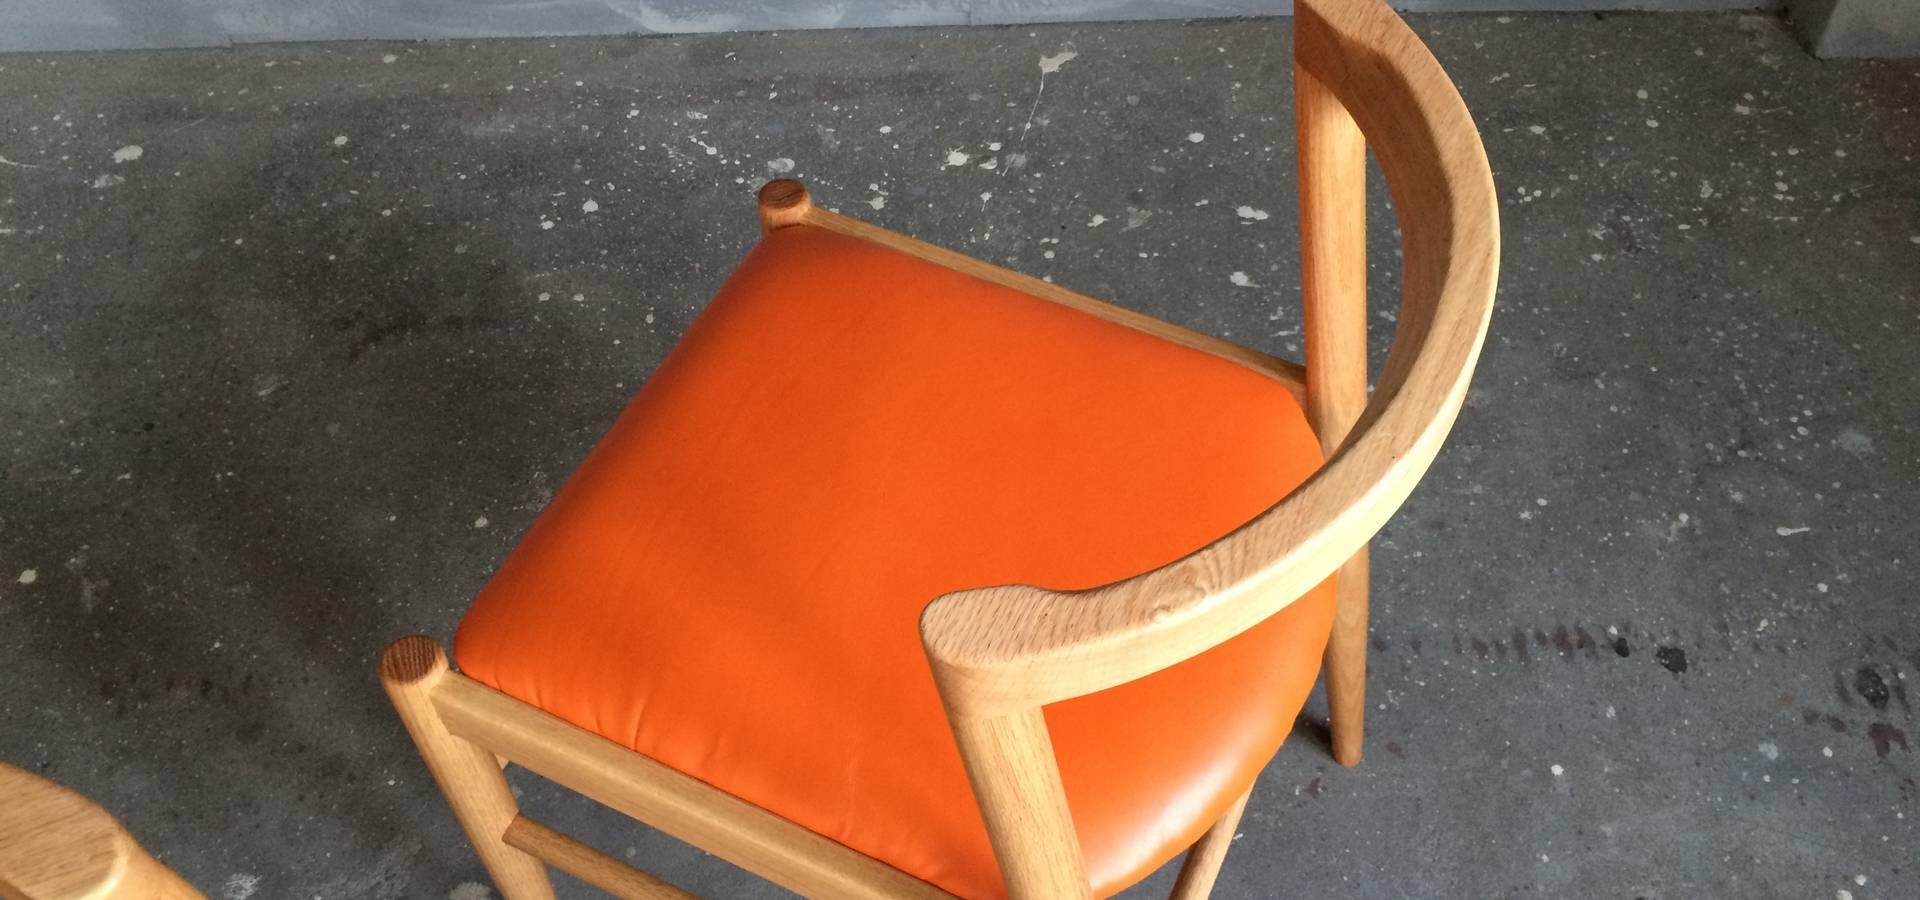 A.chair